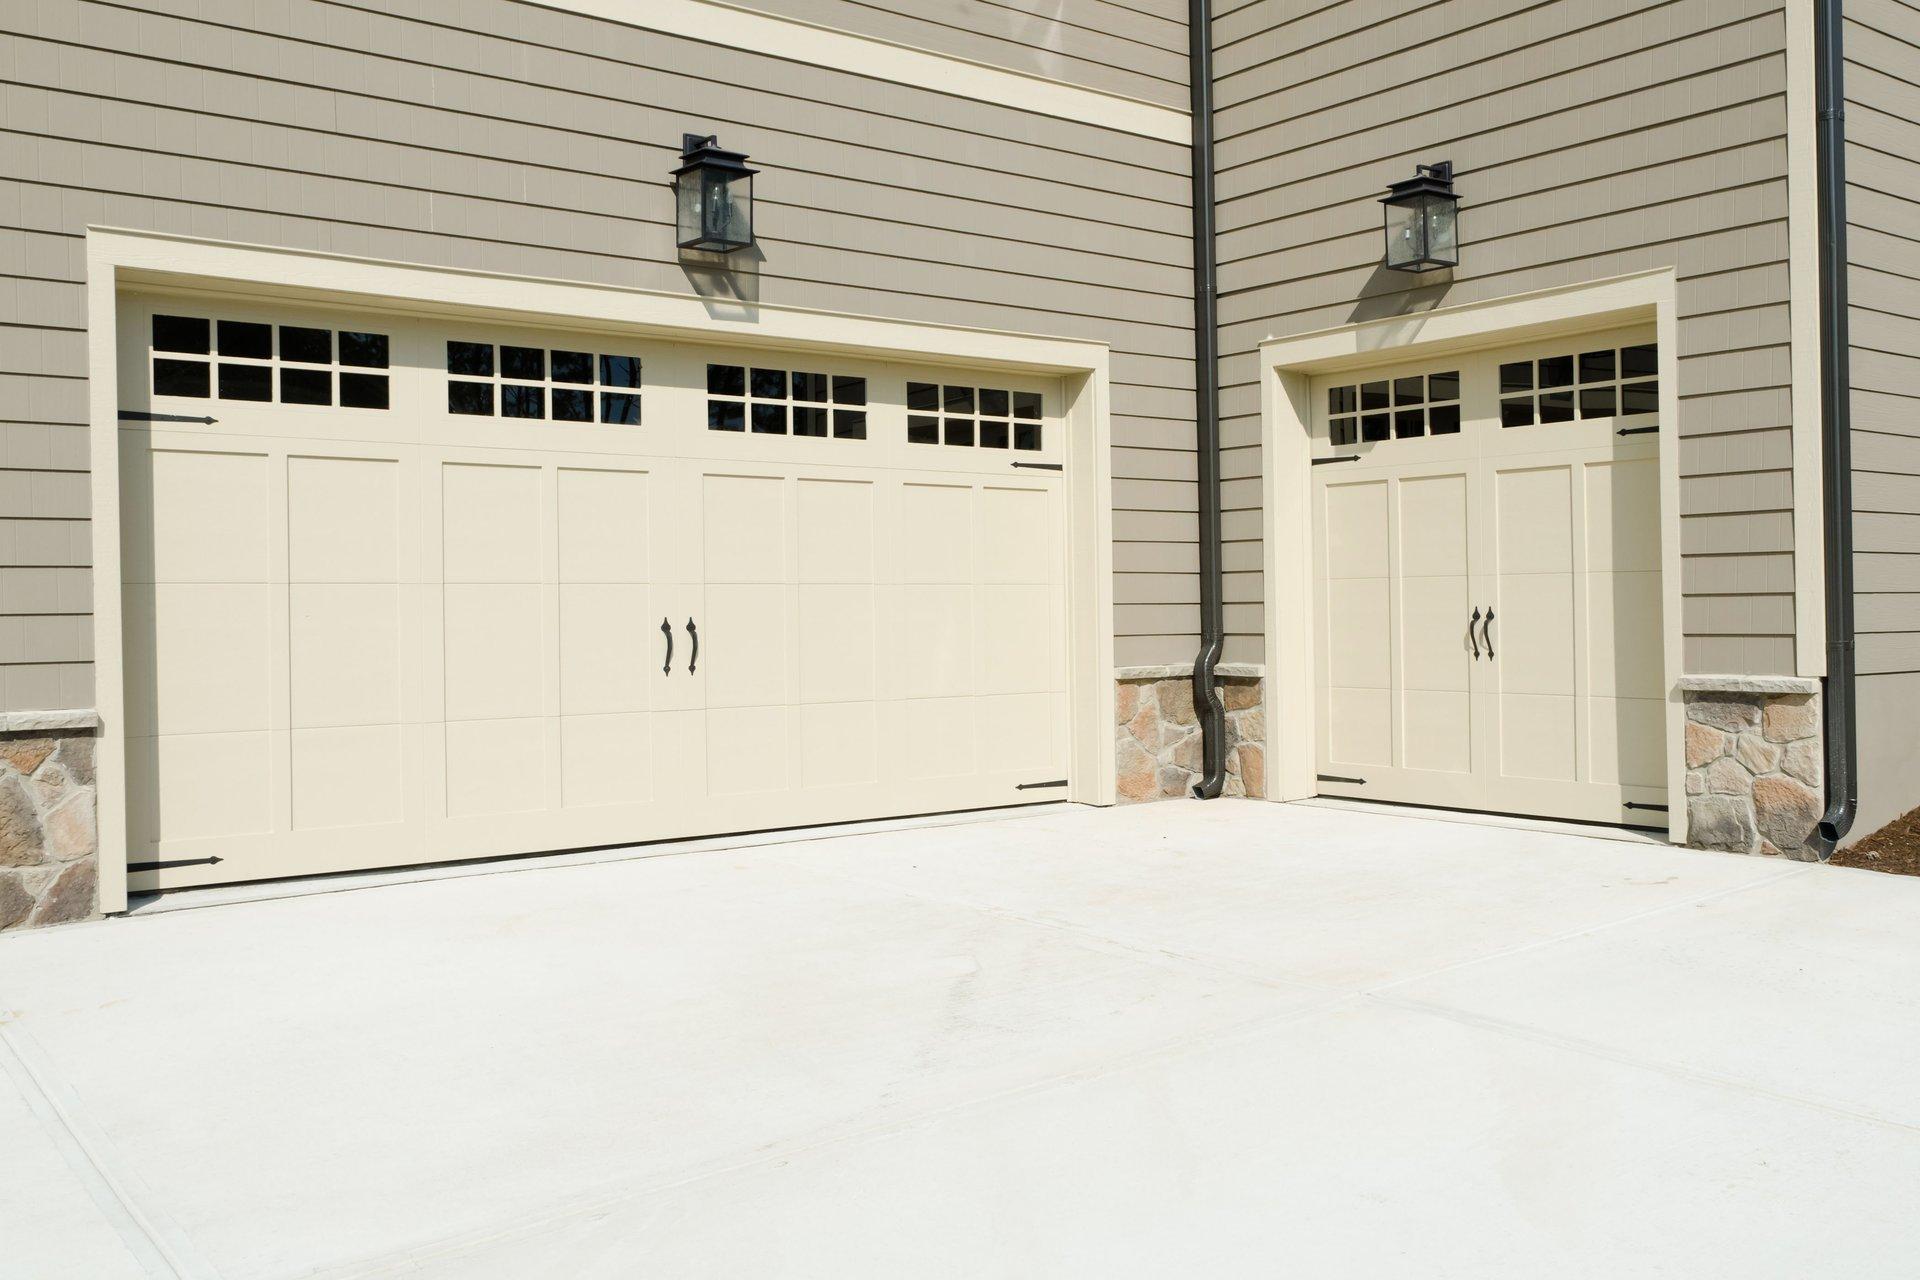 Low Overhead Garage Doors Garage Door Repair Antioch Il